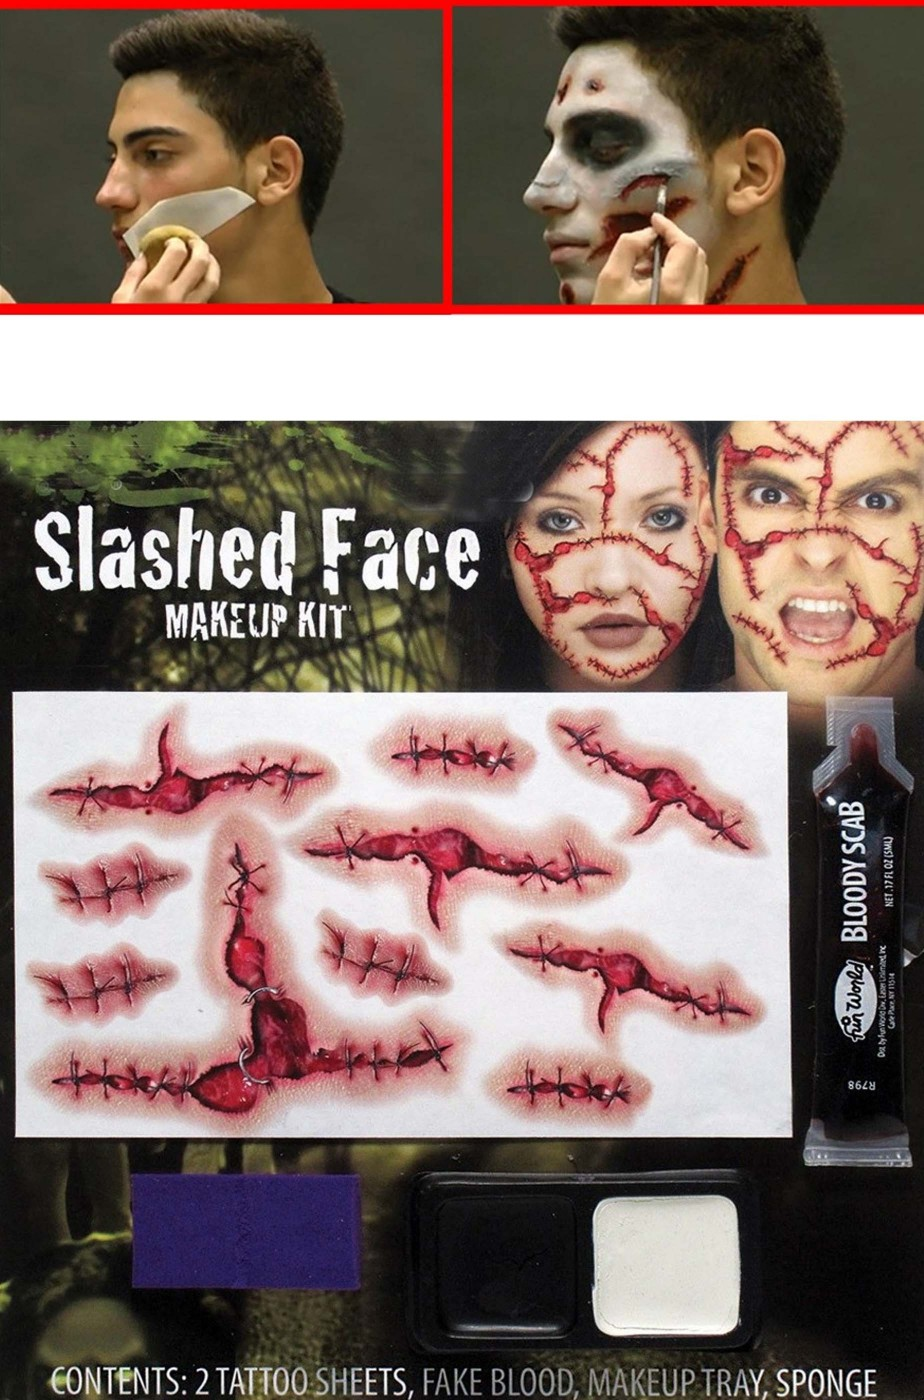 FX Tatuaggi con ferite horror venti pezzi con sangue finto e trucco 078f9c6c57d3